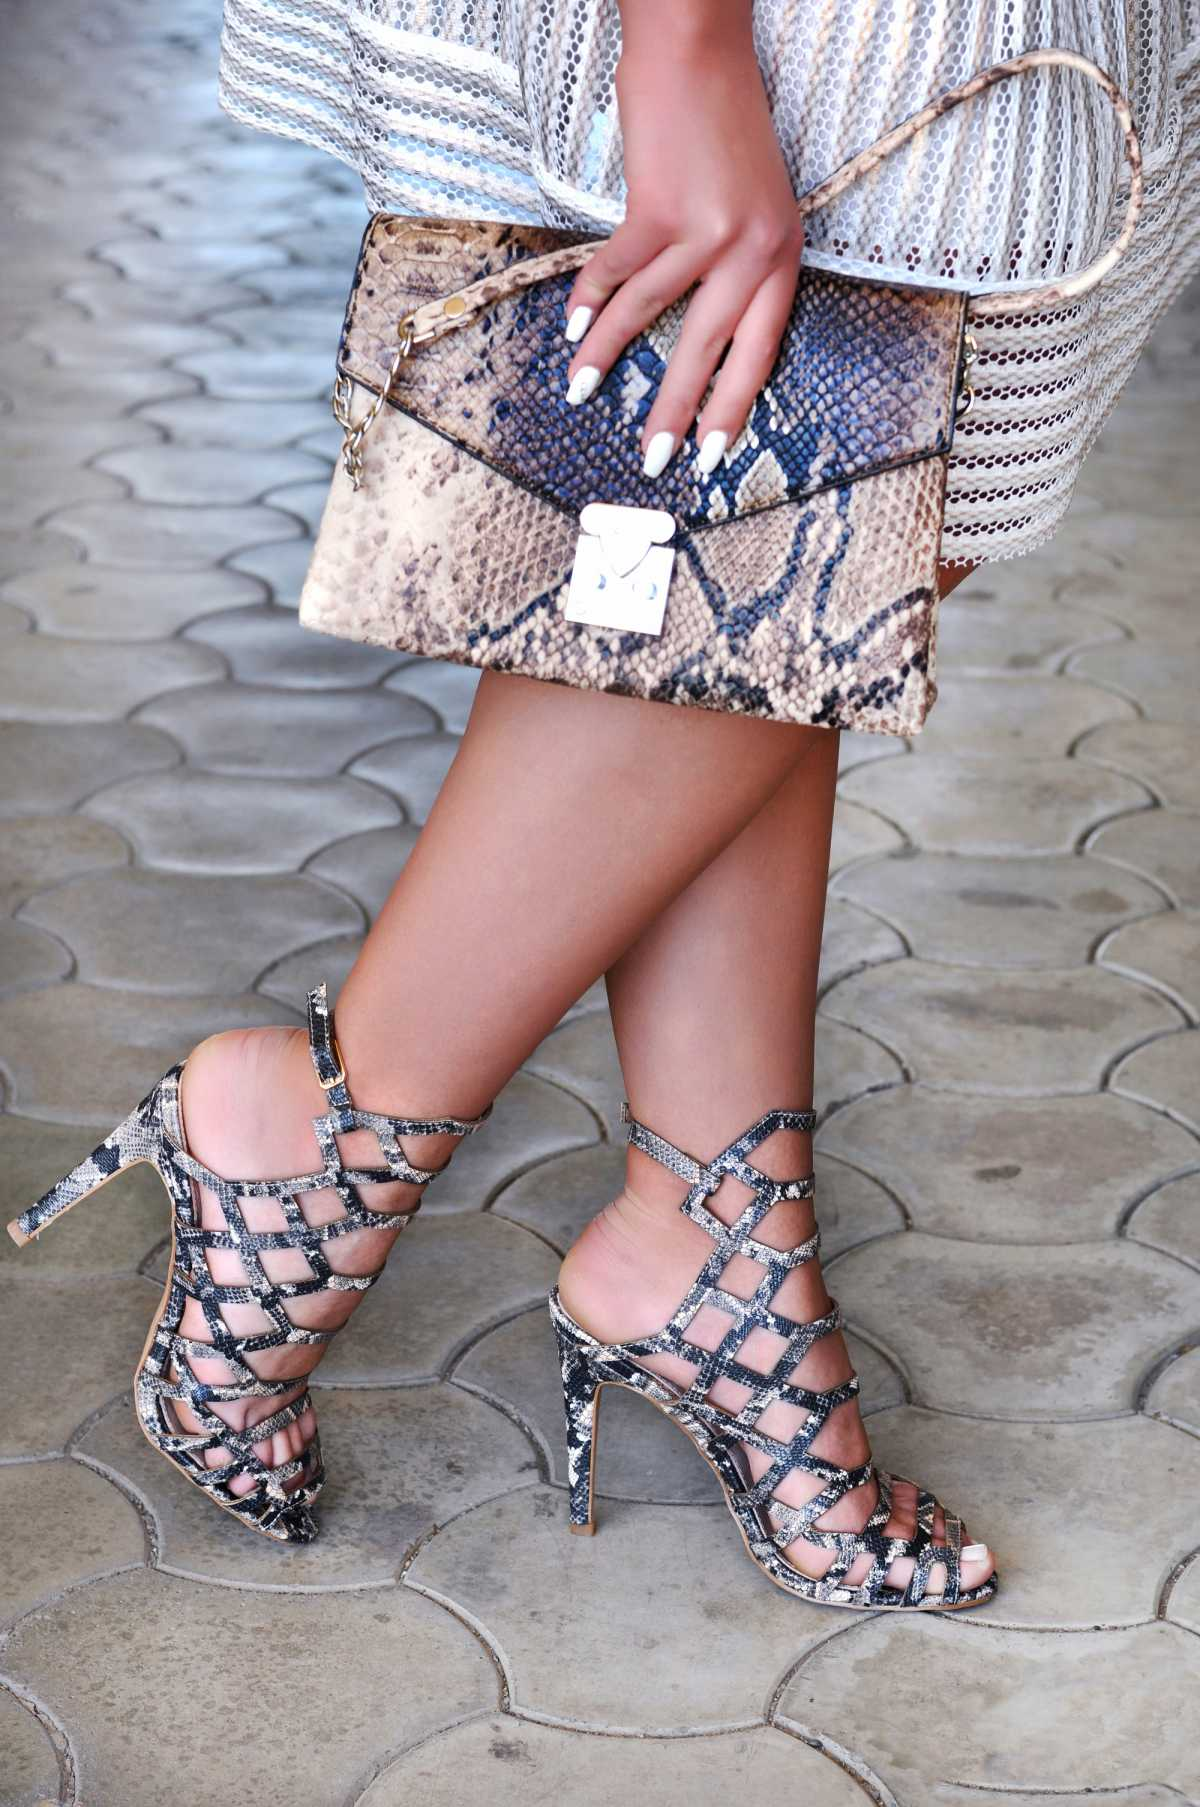 bolsa e sandália com estampa animal print